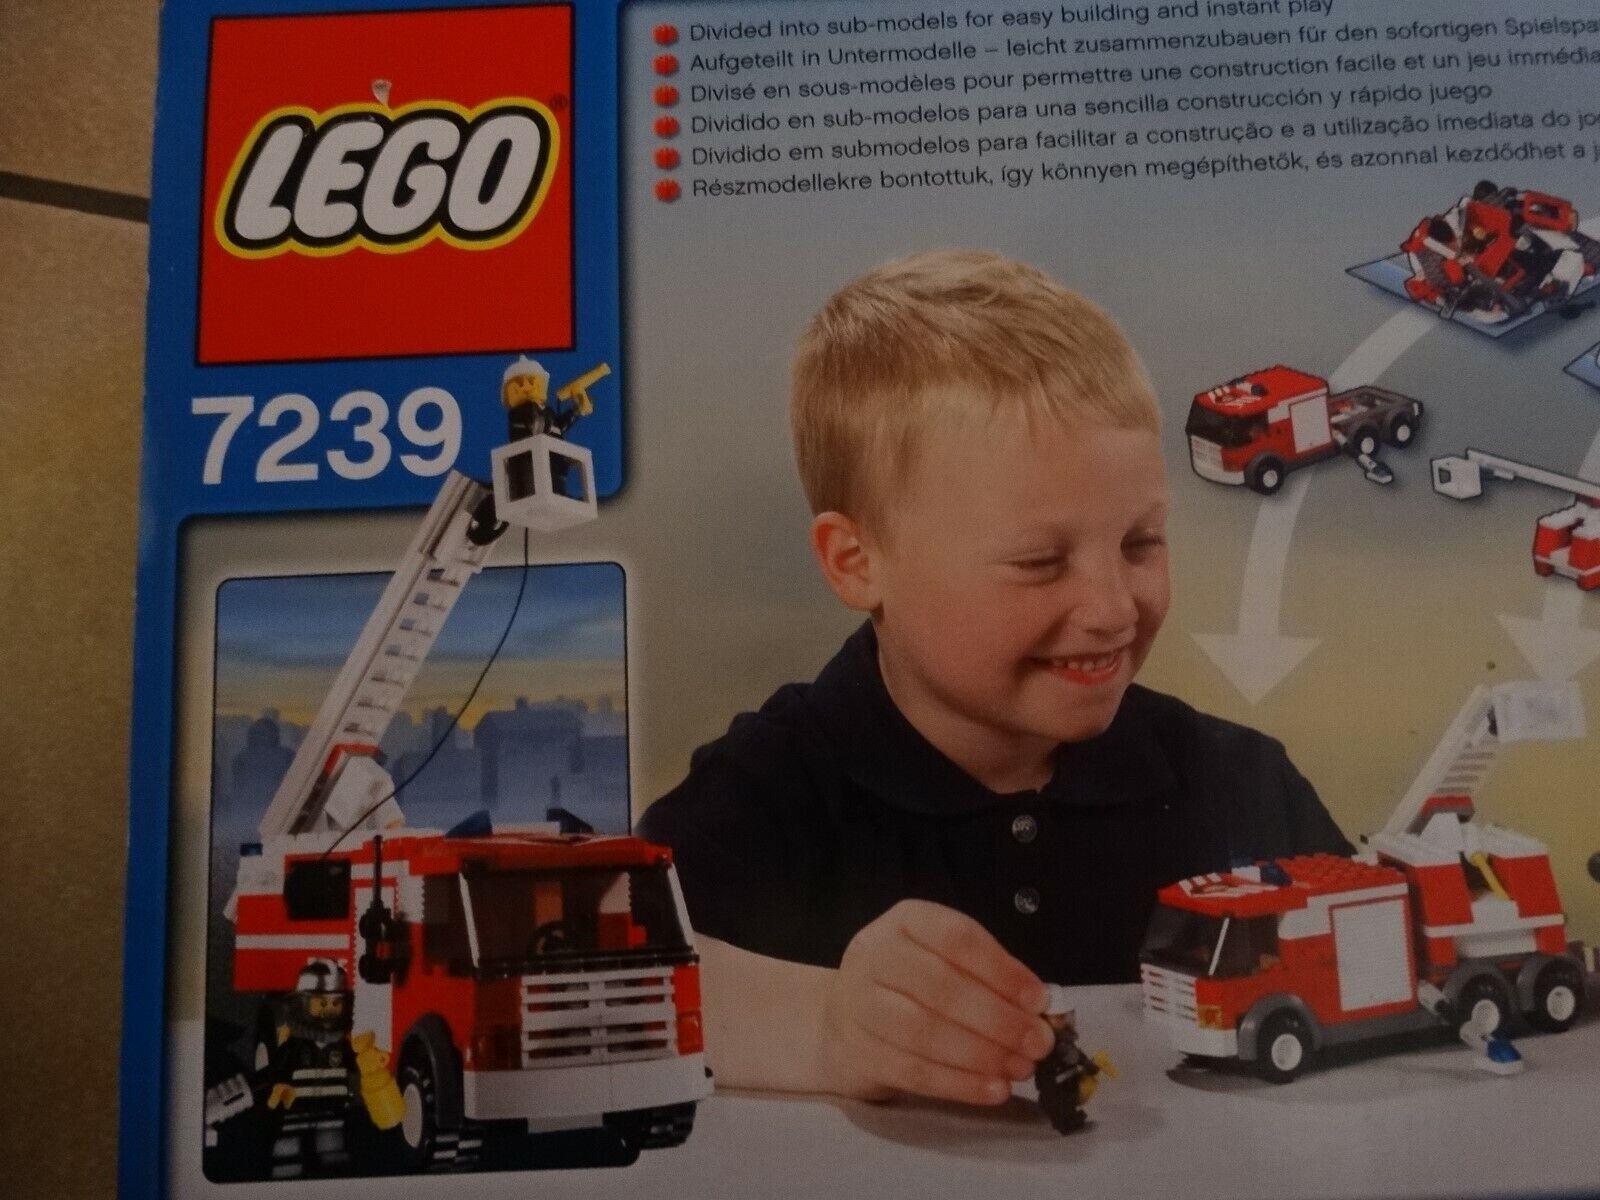 Lego city 7239 Feuerwehrfahrzeug mit Anhänger Neu und unbenutzt